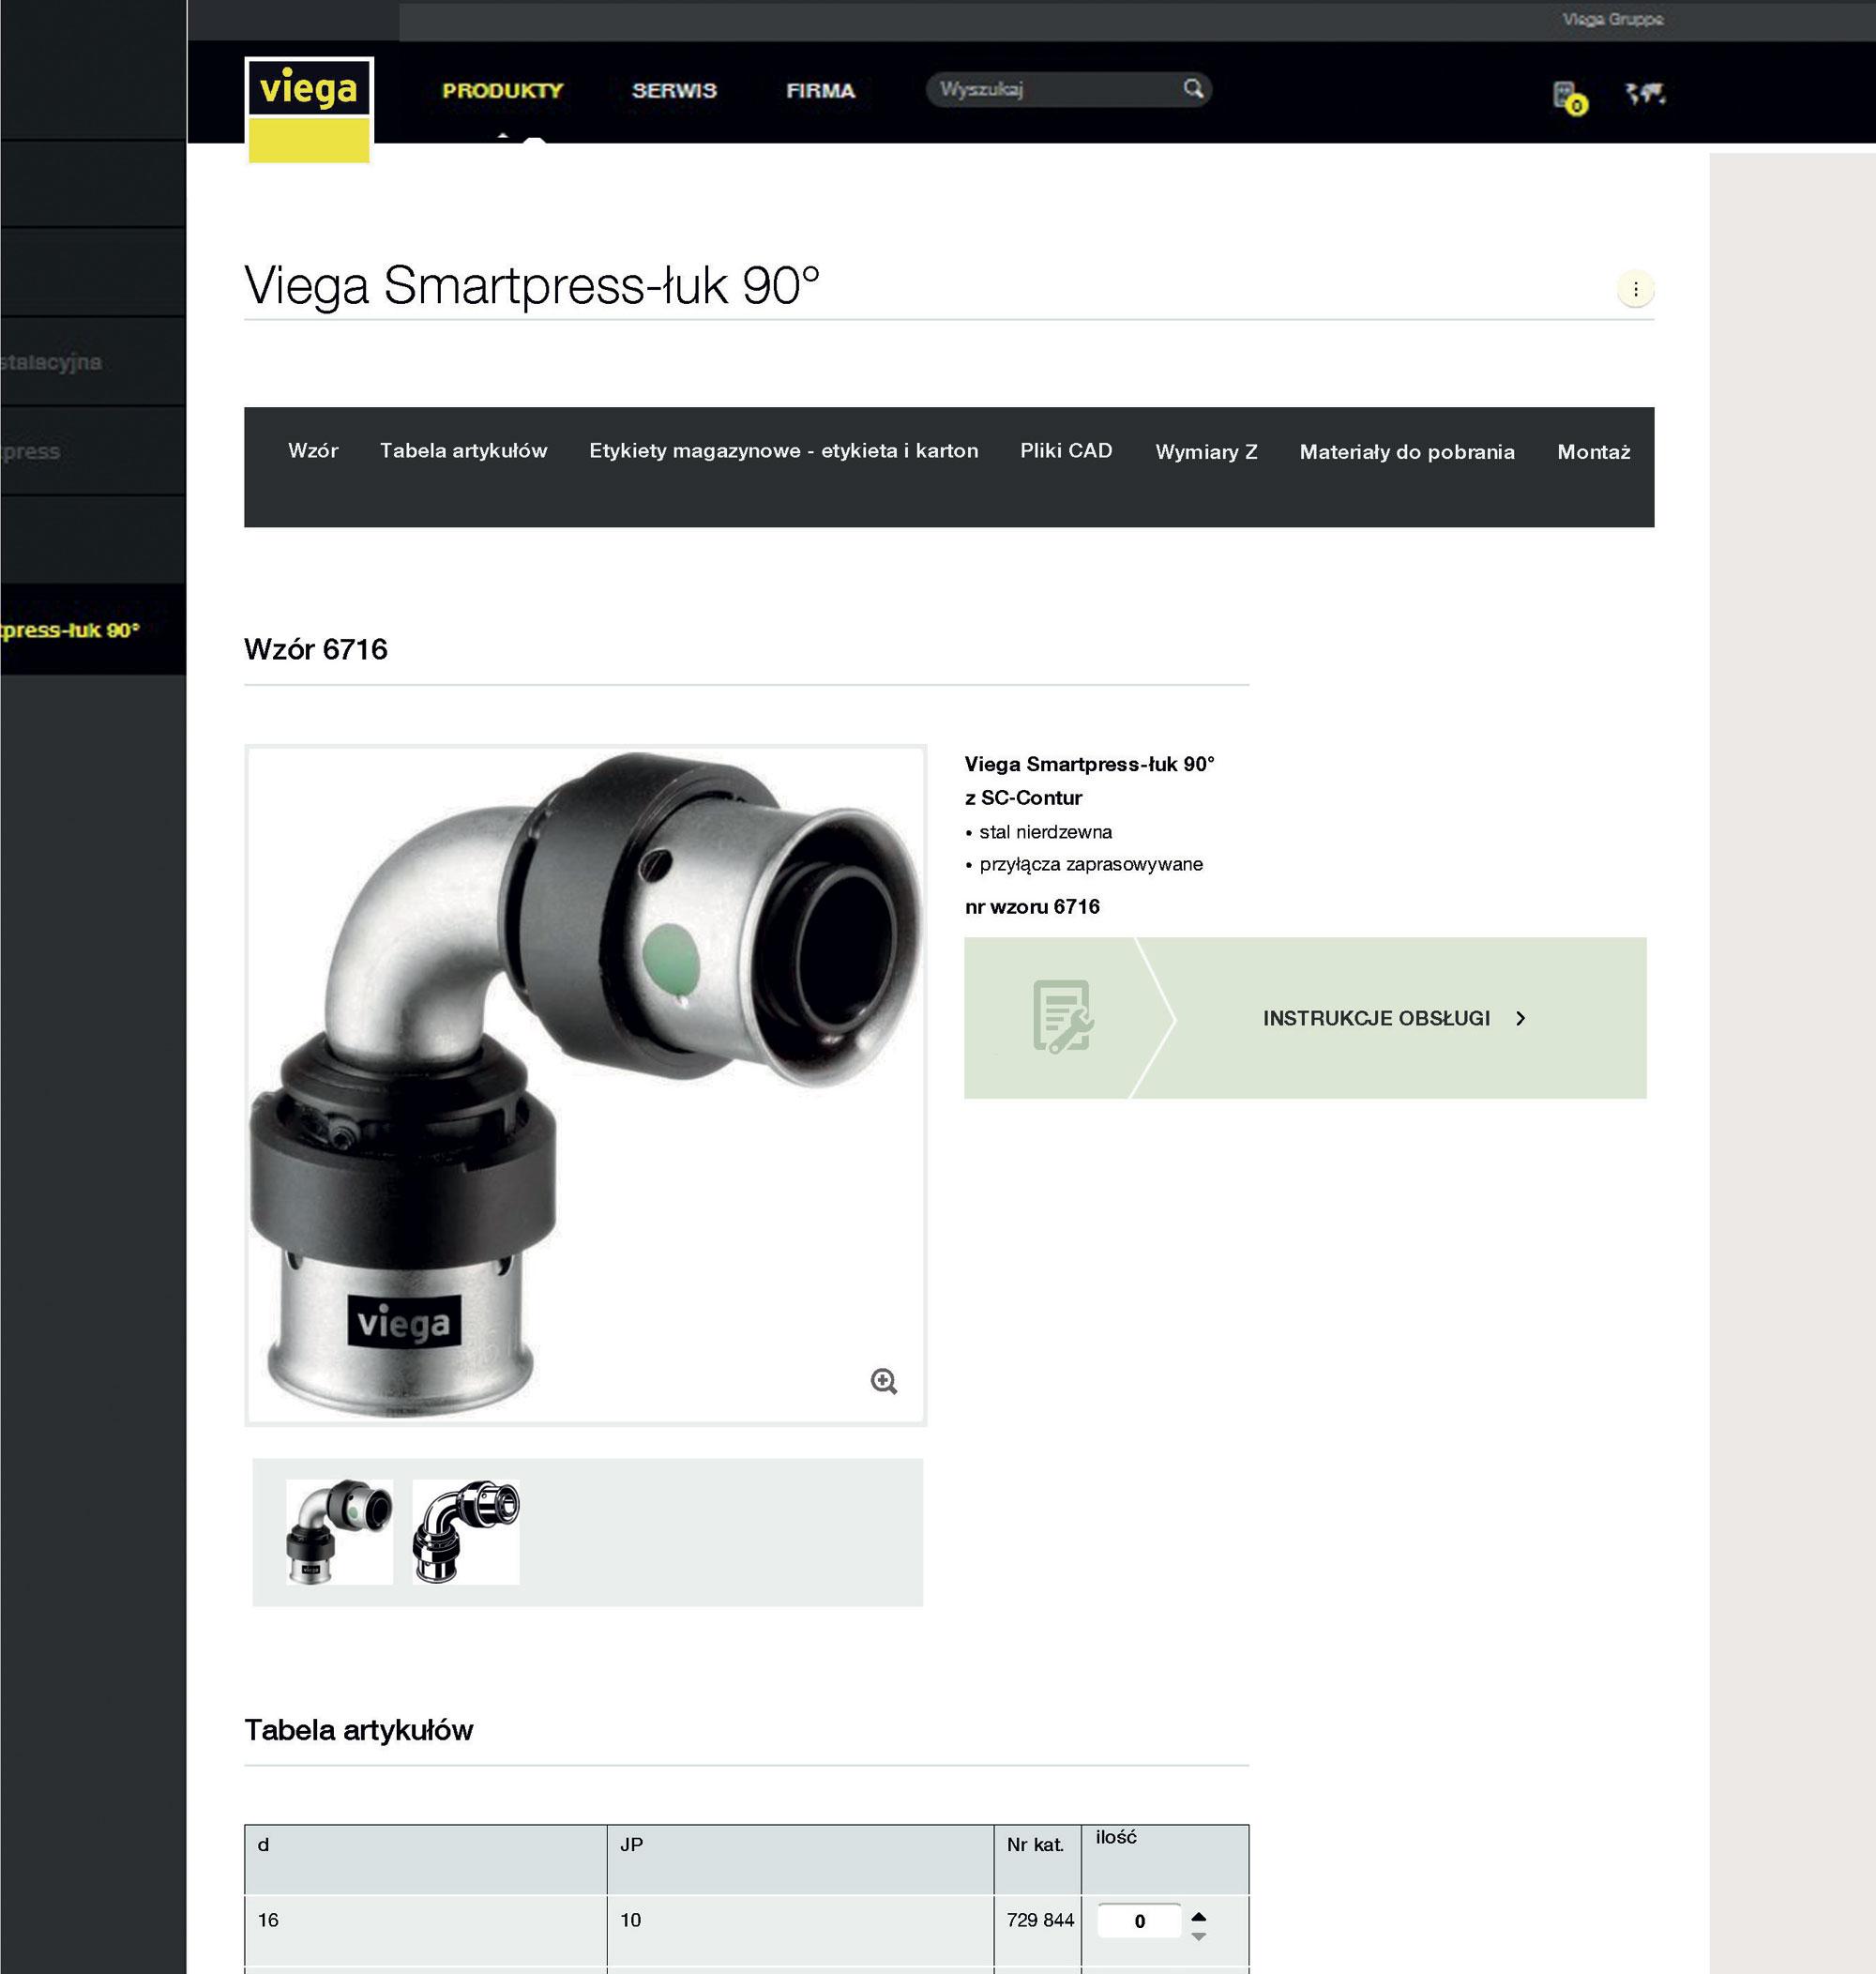 Strona zapewnia użytkownikowi całodobowy dostęp do katalogu produktów on-line, który jest codziennie aktualizowany.